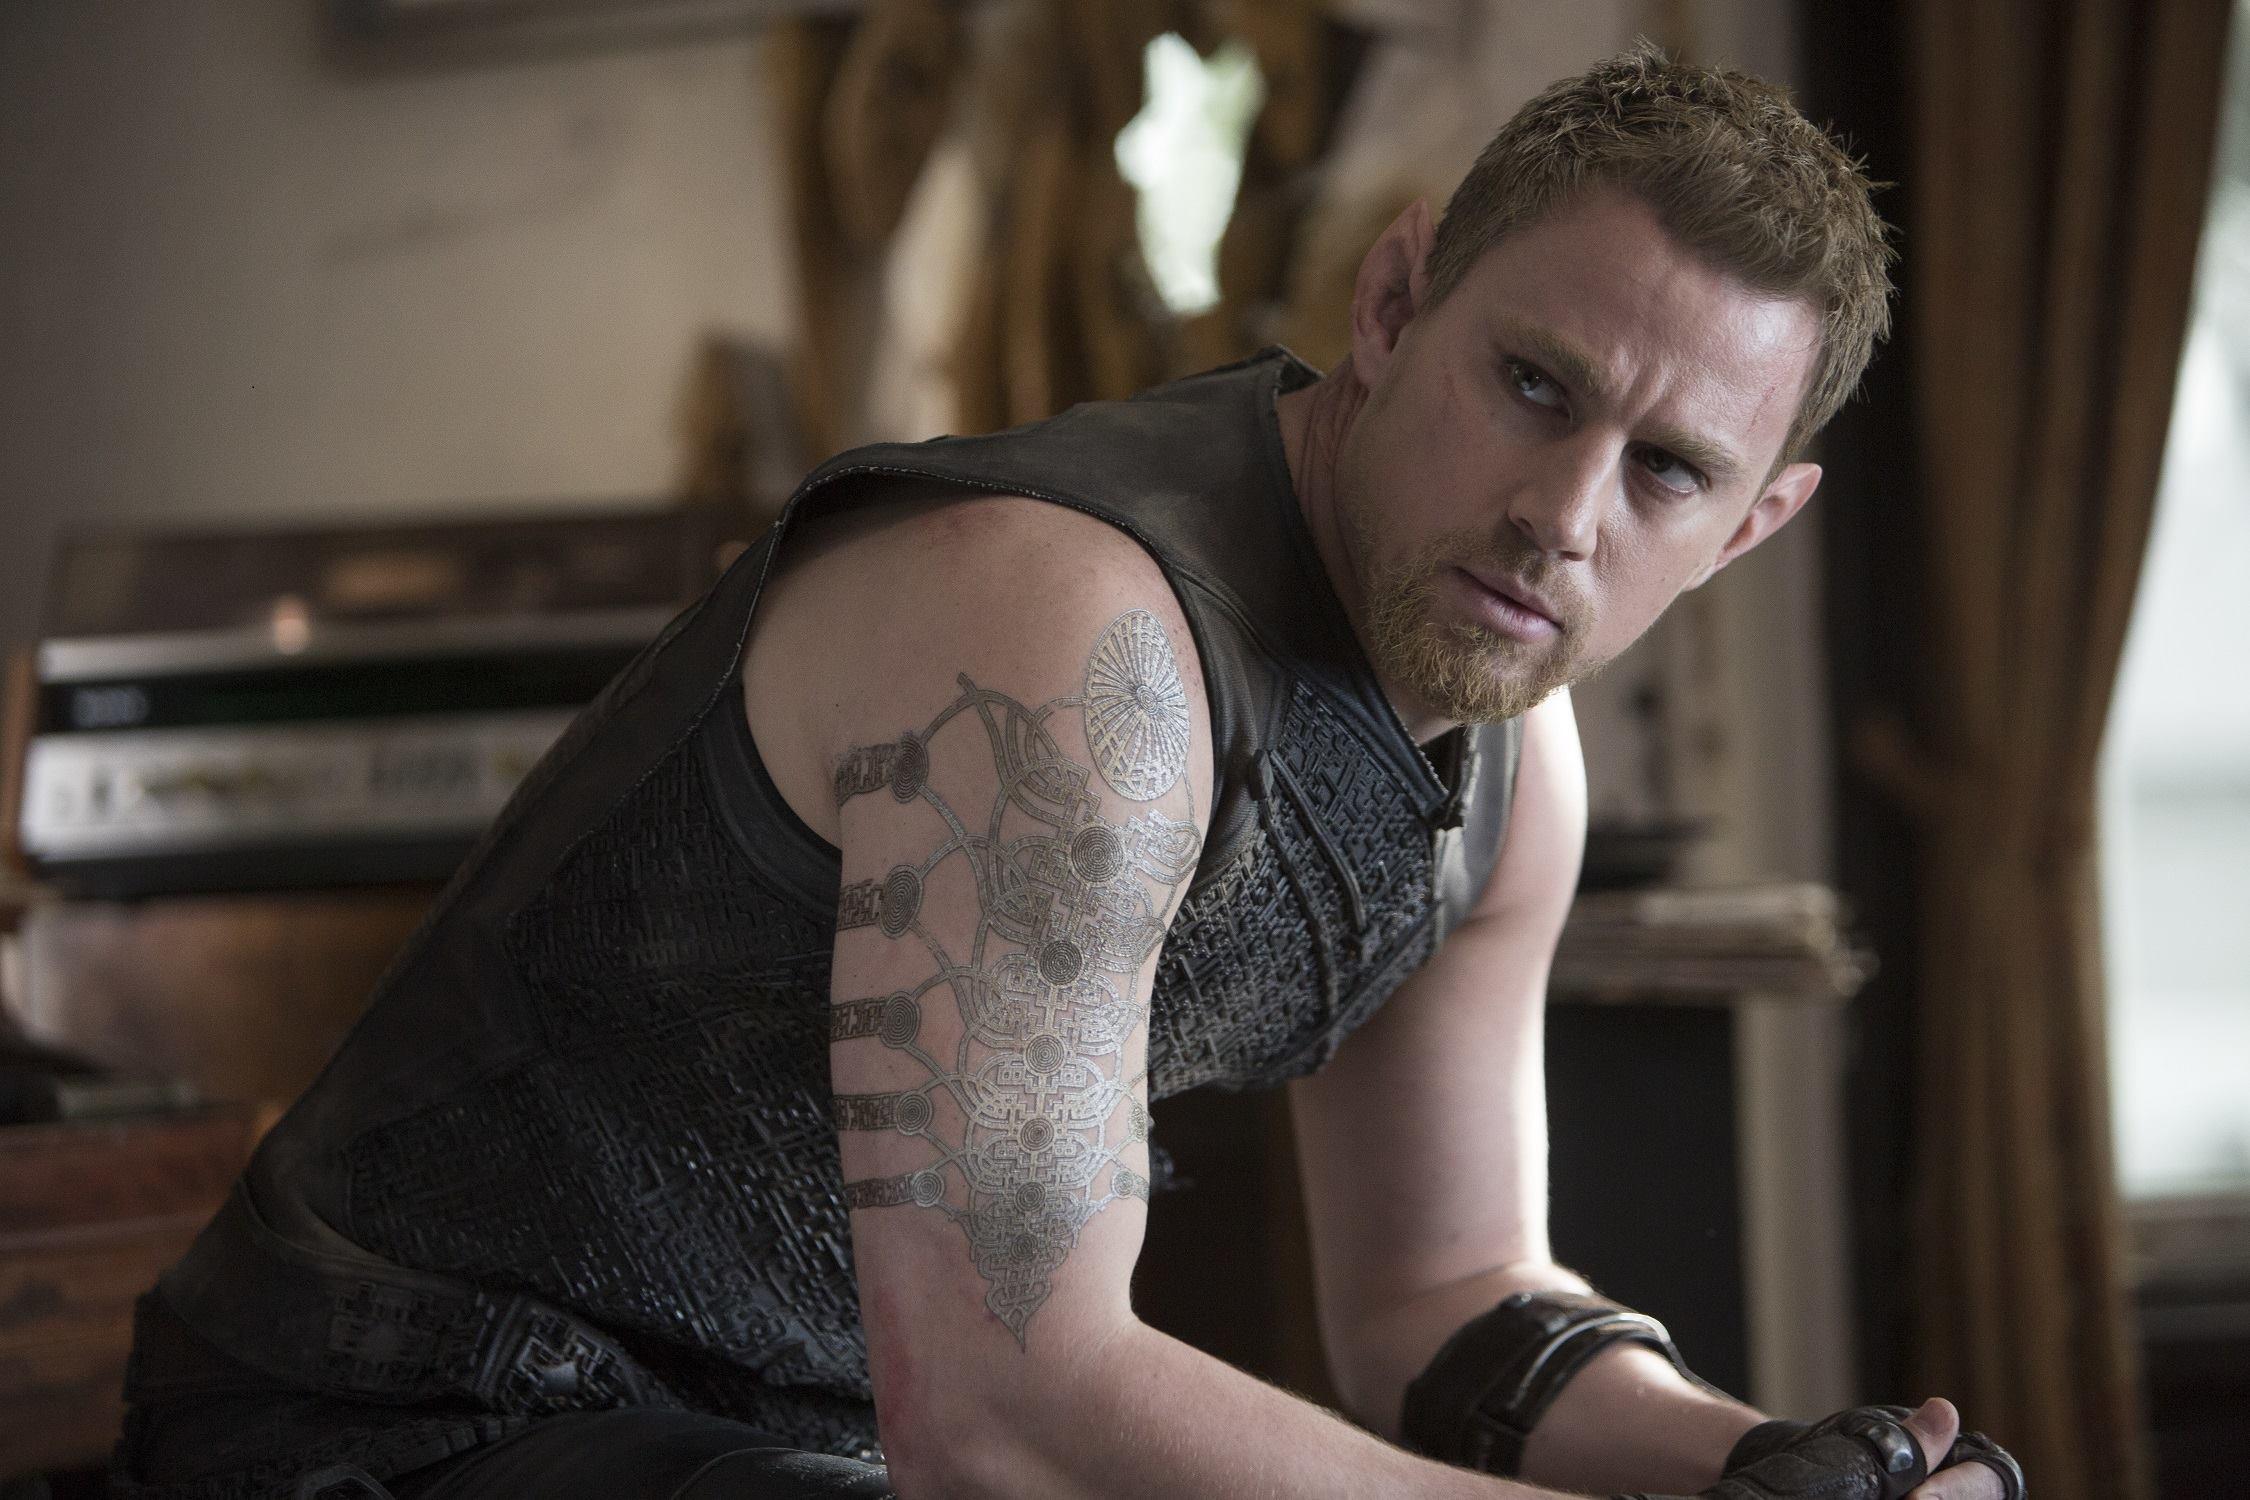 Tài tử Channing Tatum khó khăn với cảnh hôn - 2